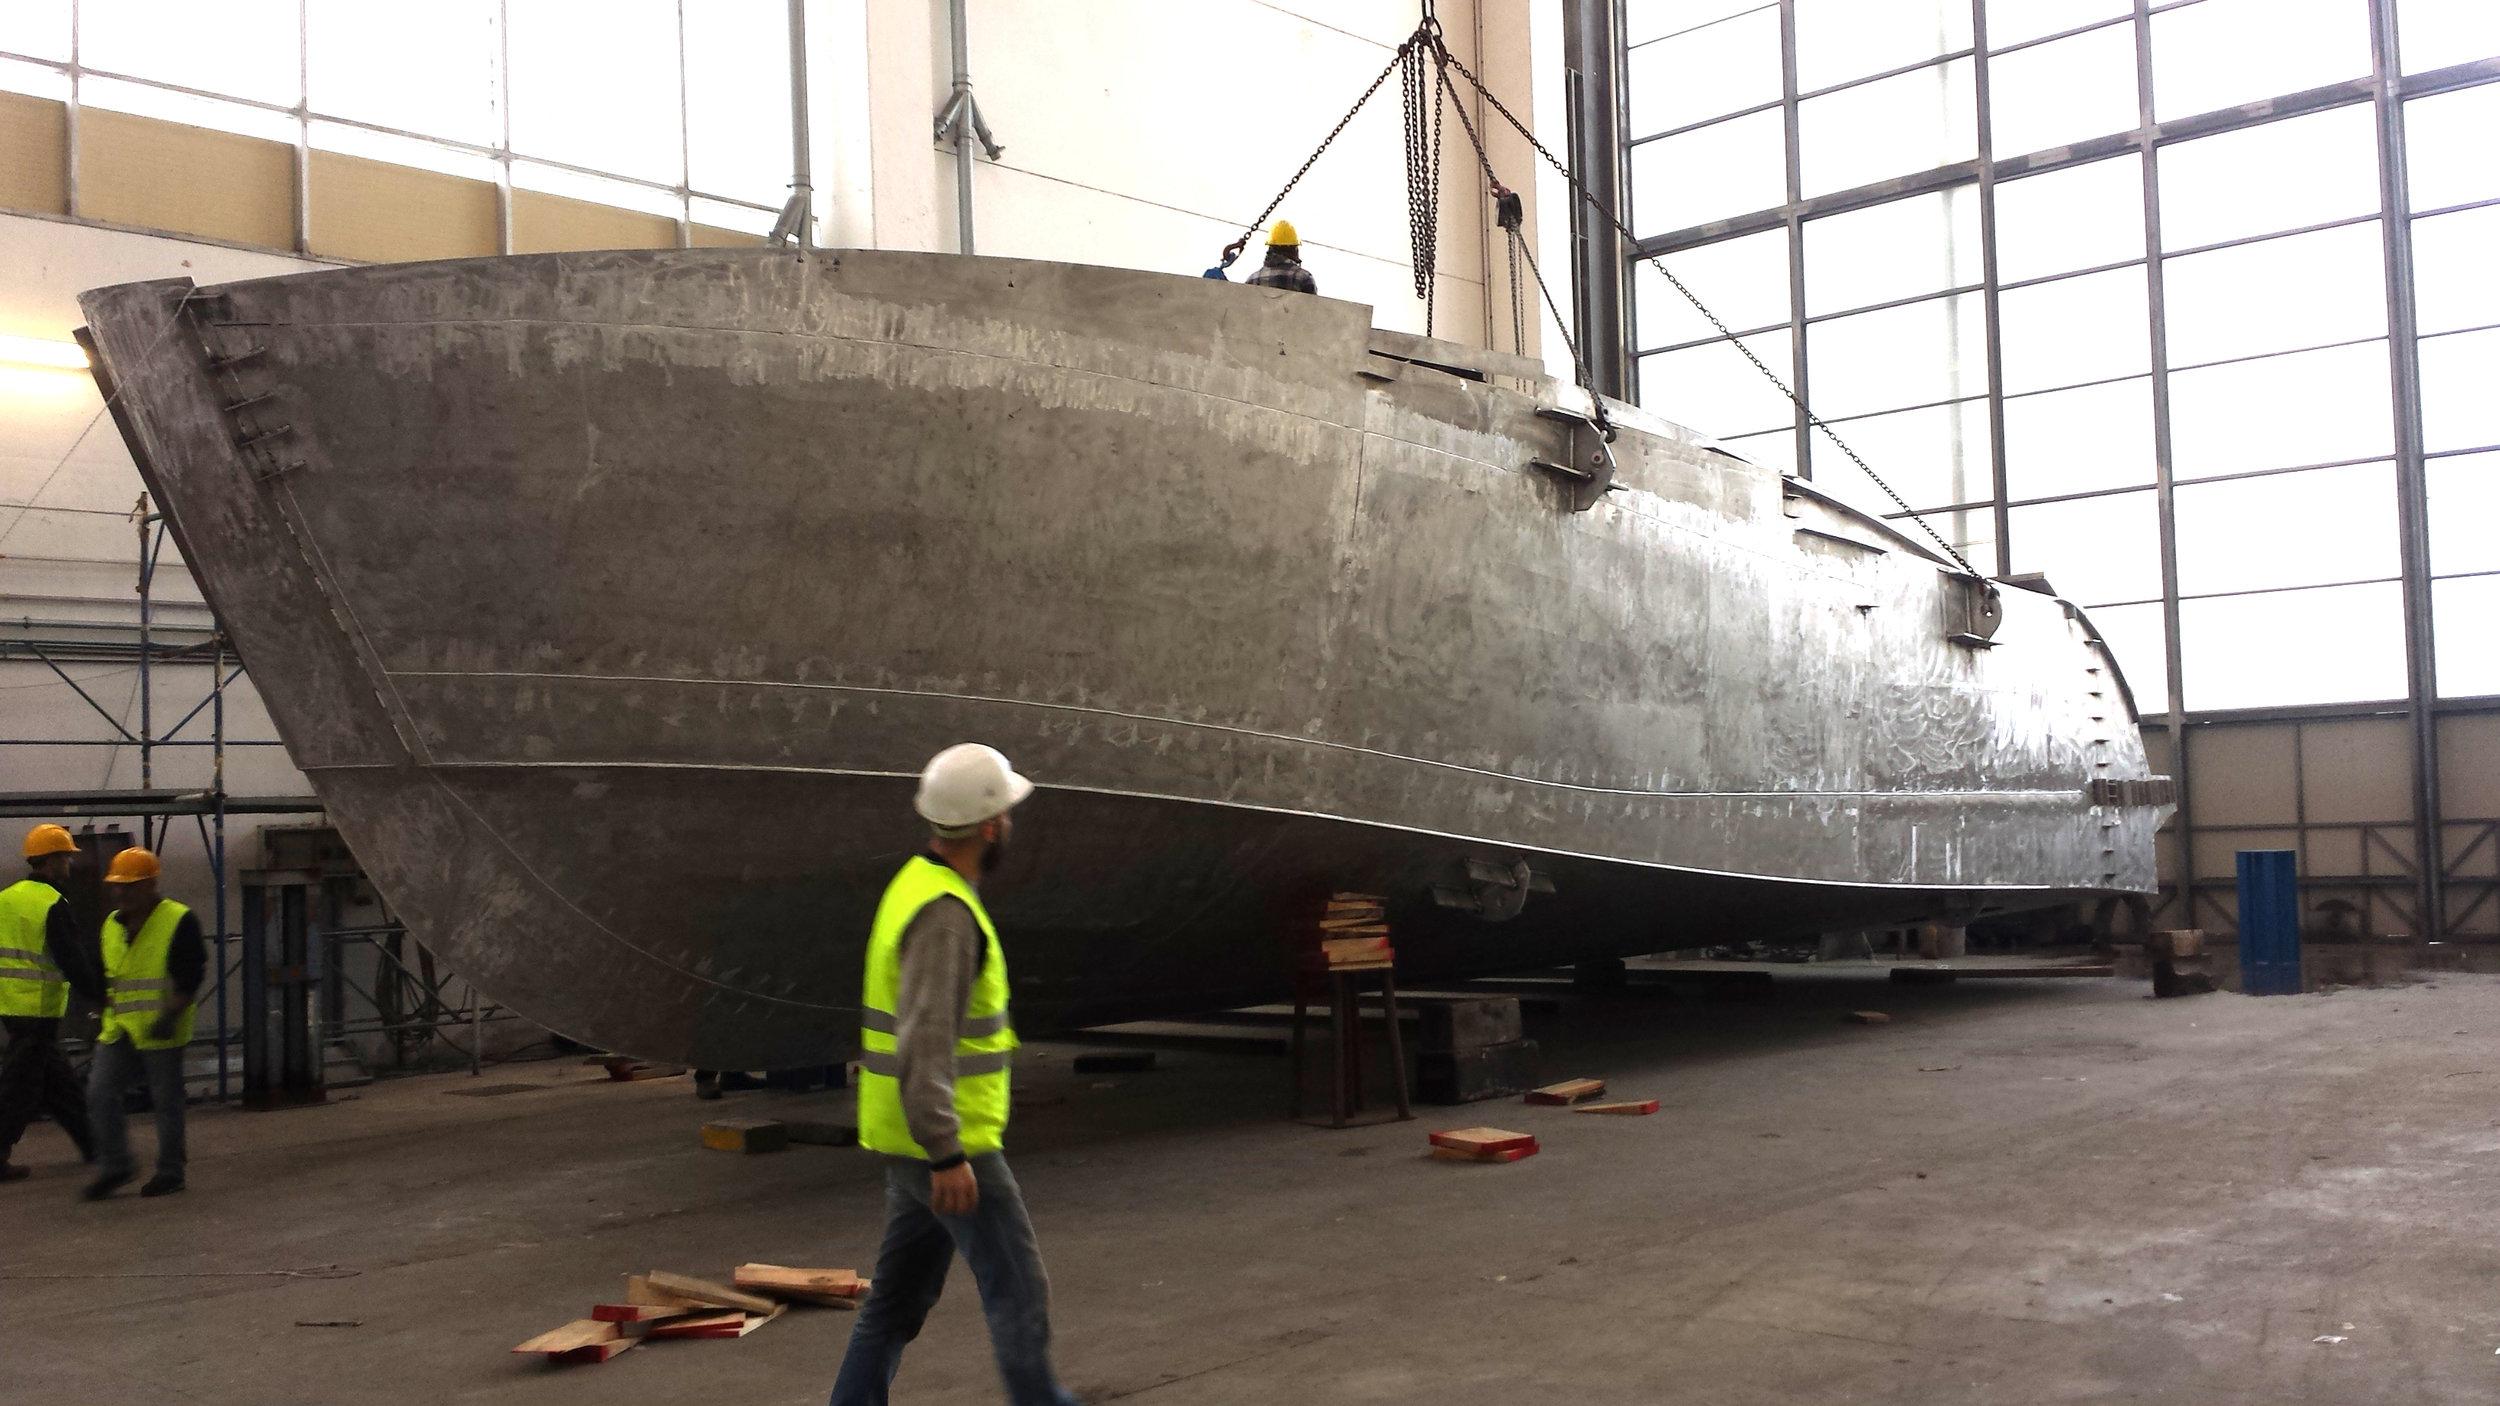 Scafo girato-Istante yacht-general arrangement-profile-sketch architect-carignani-design-concept-luxury-boat-motor.jpg